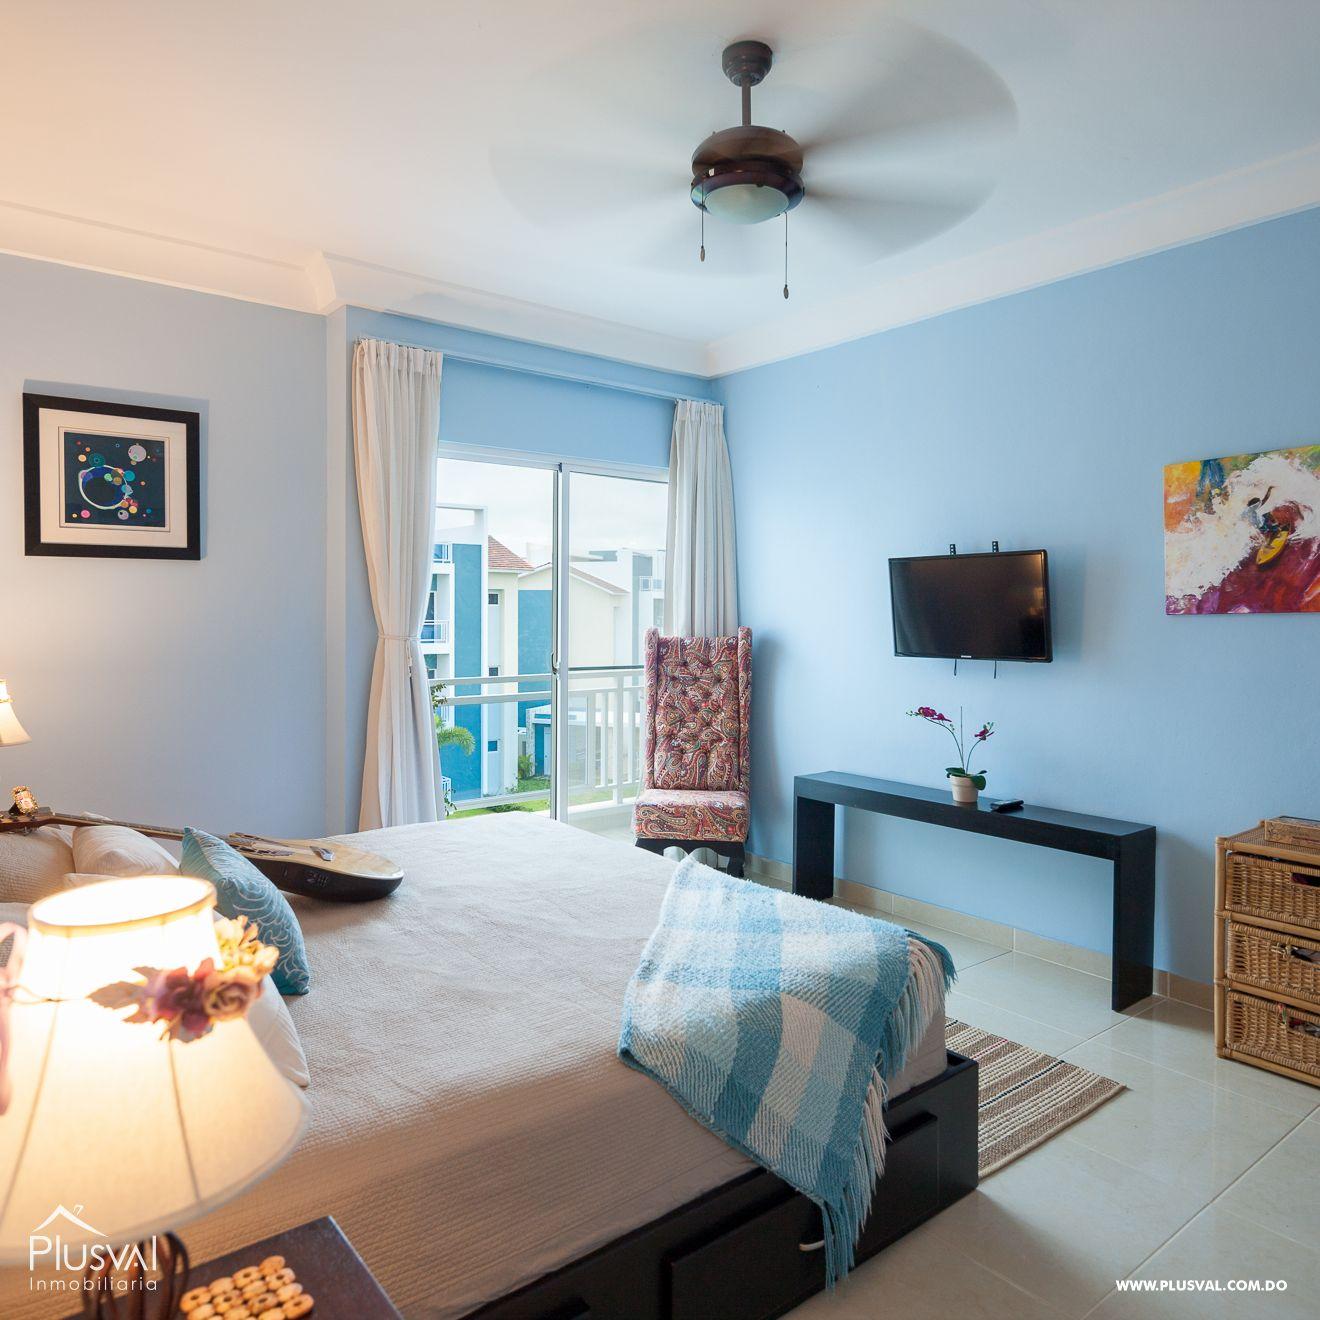 Apartamento Totalmente equipado en Venta en Complejo Turistico de 2 Habitaciones. 150939